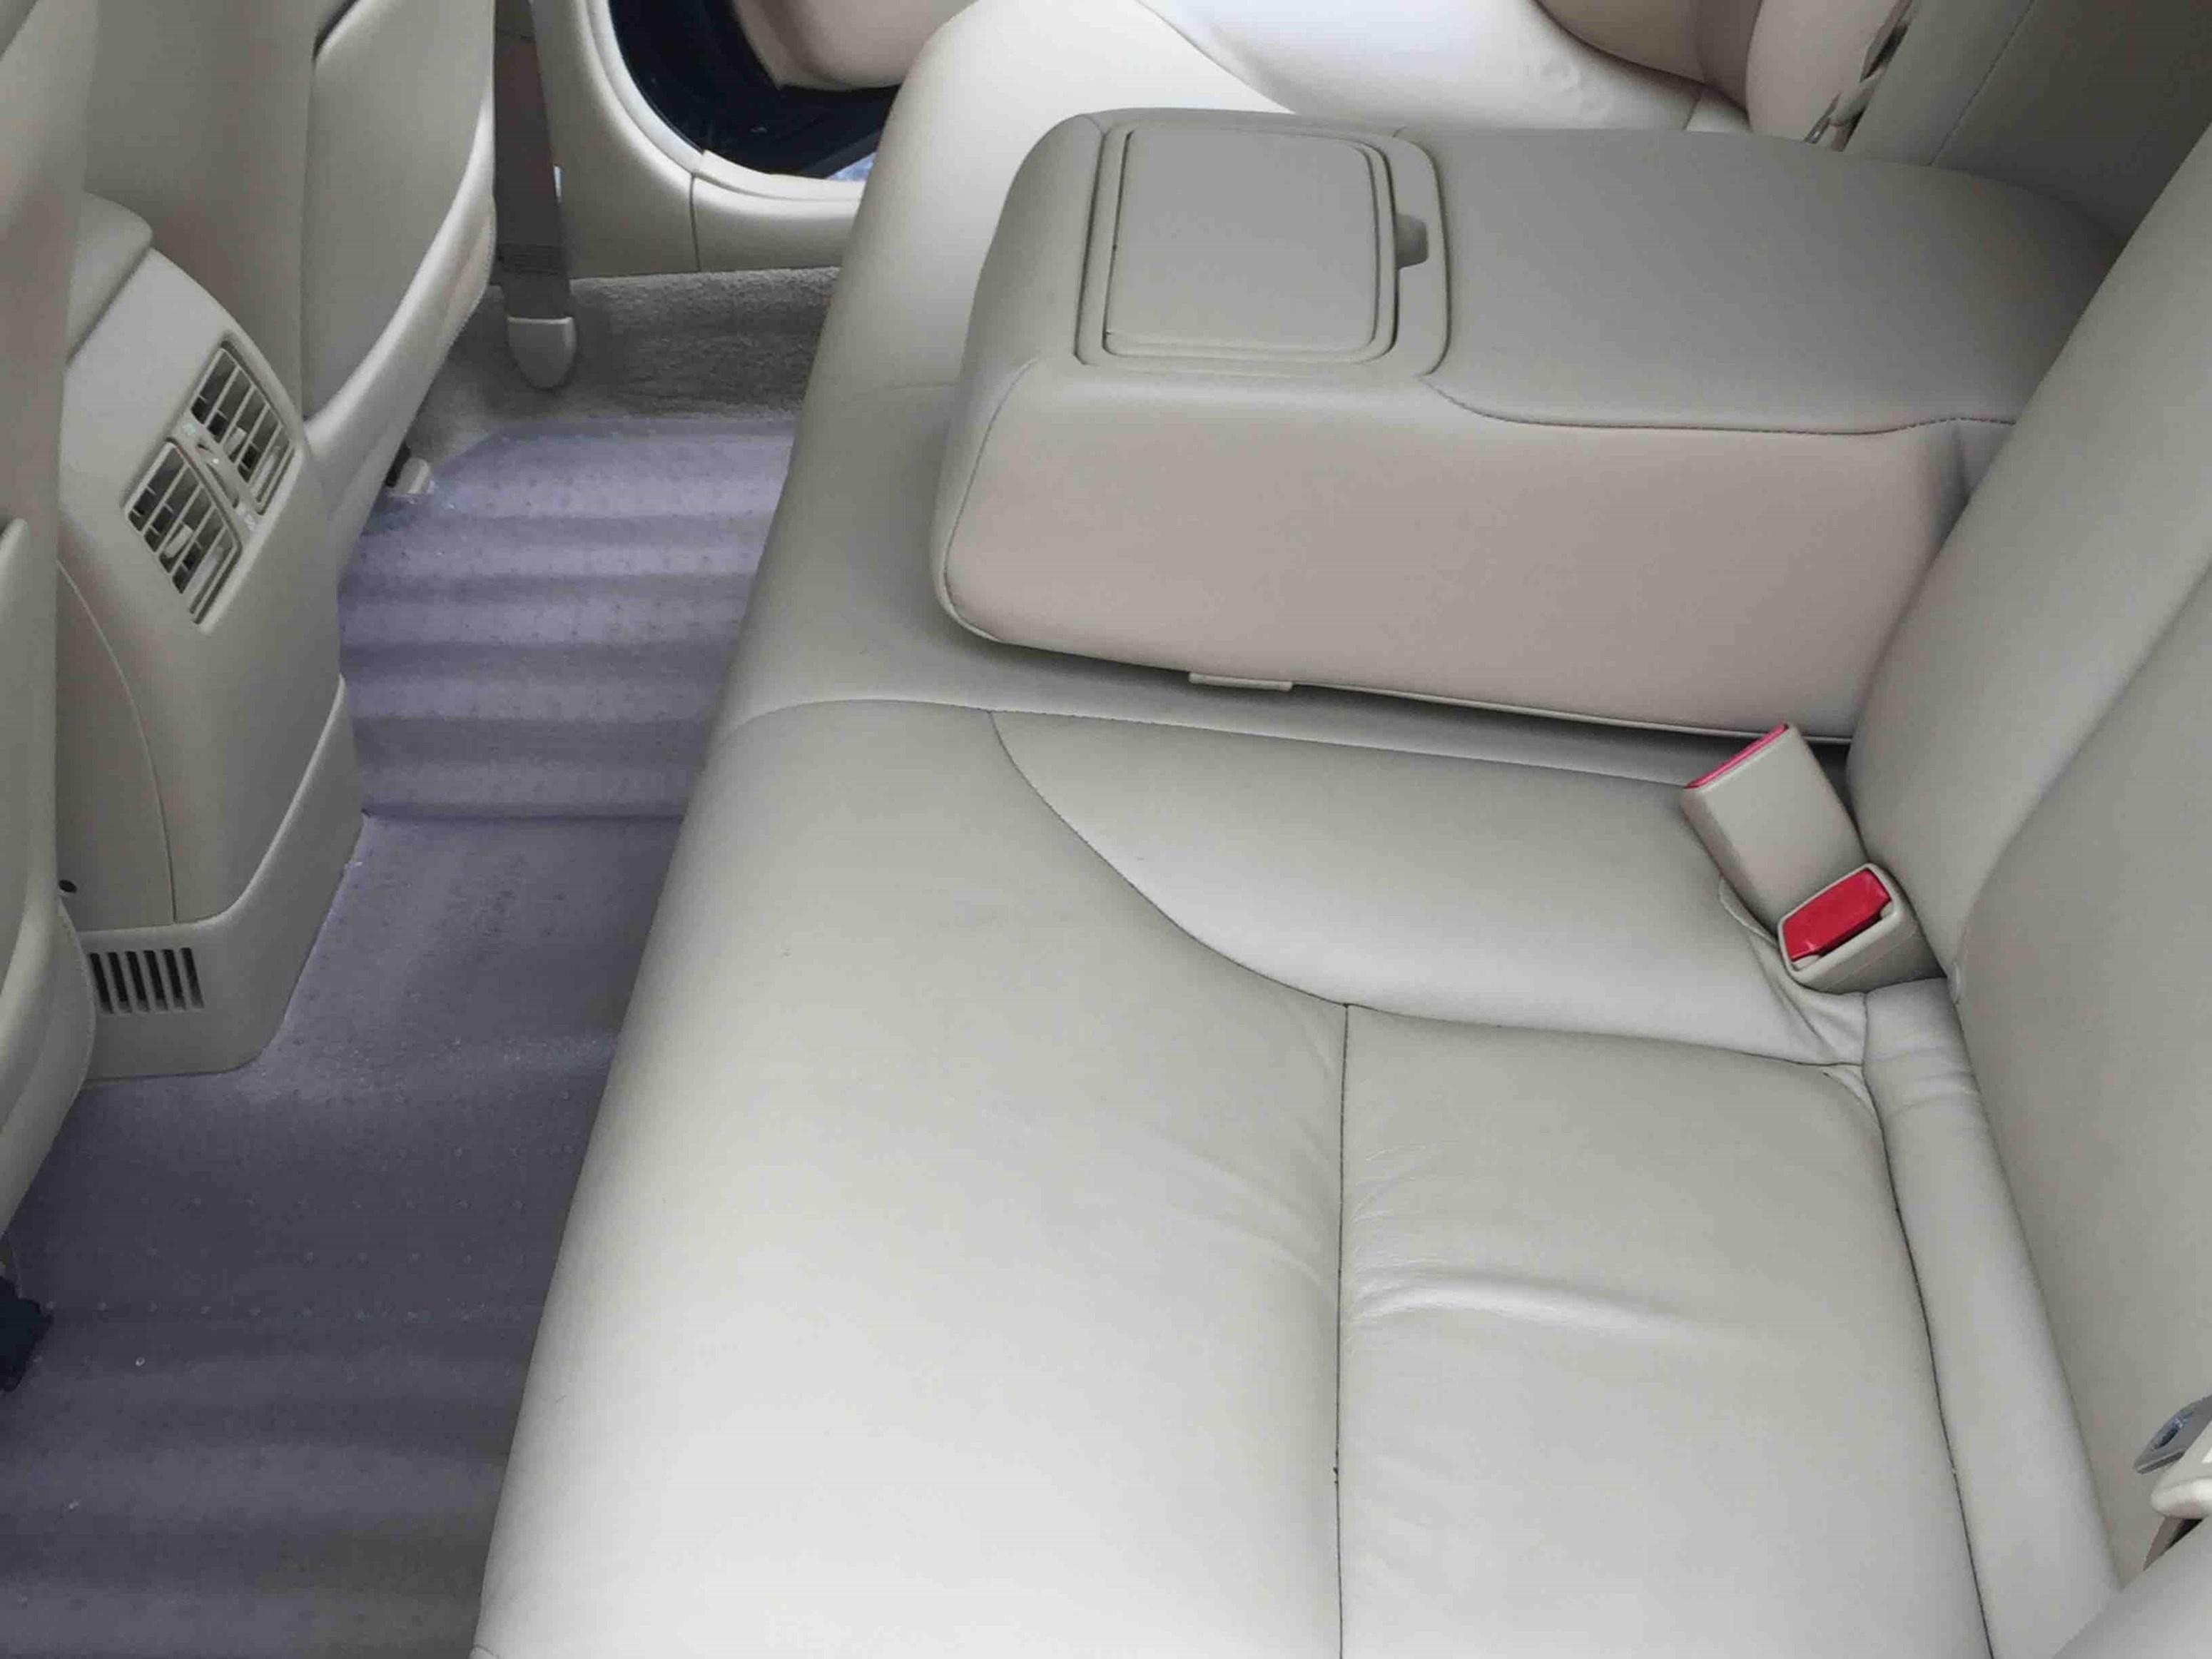 2005 Lexus ES330 4 Door Sedan 77K Miles $7 200 Used Lexus ES